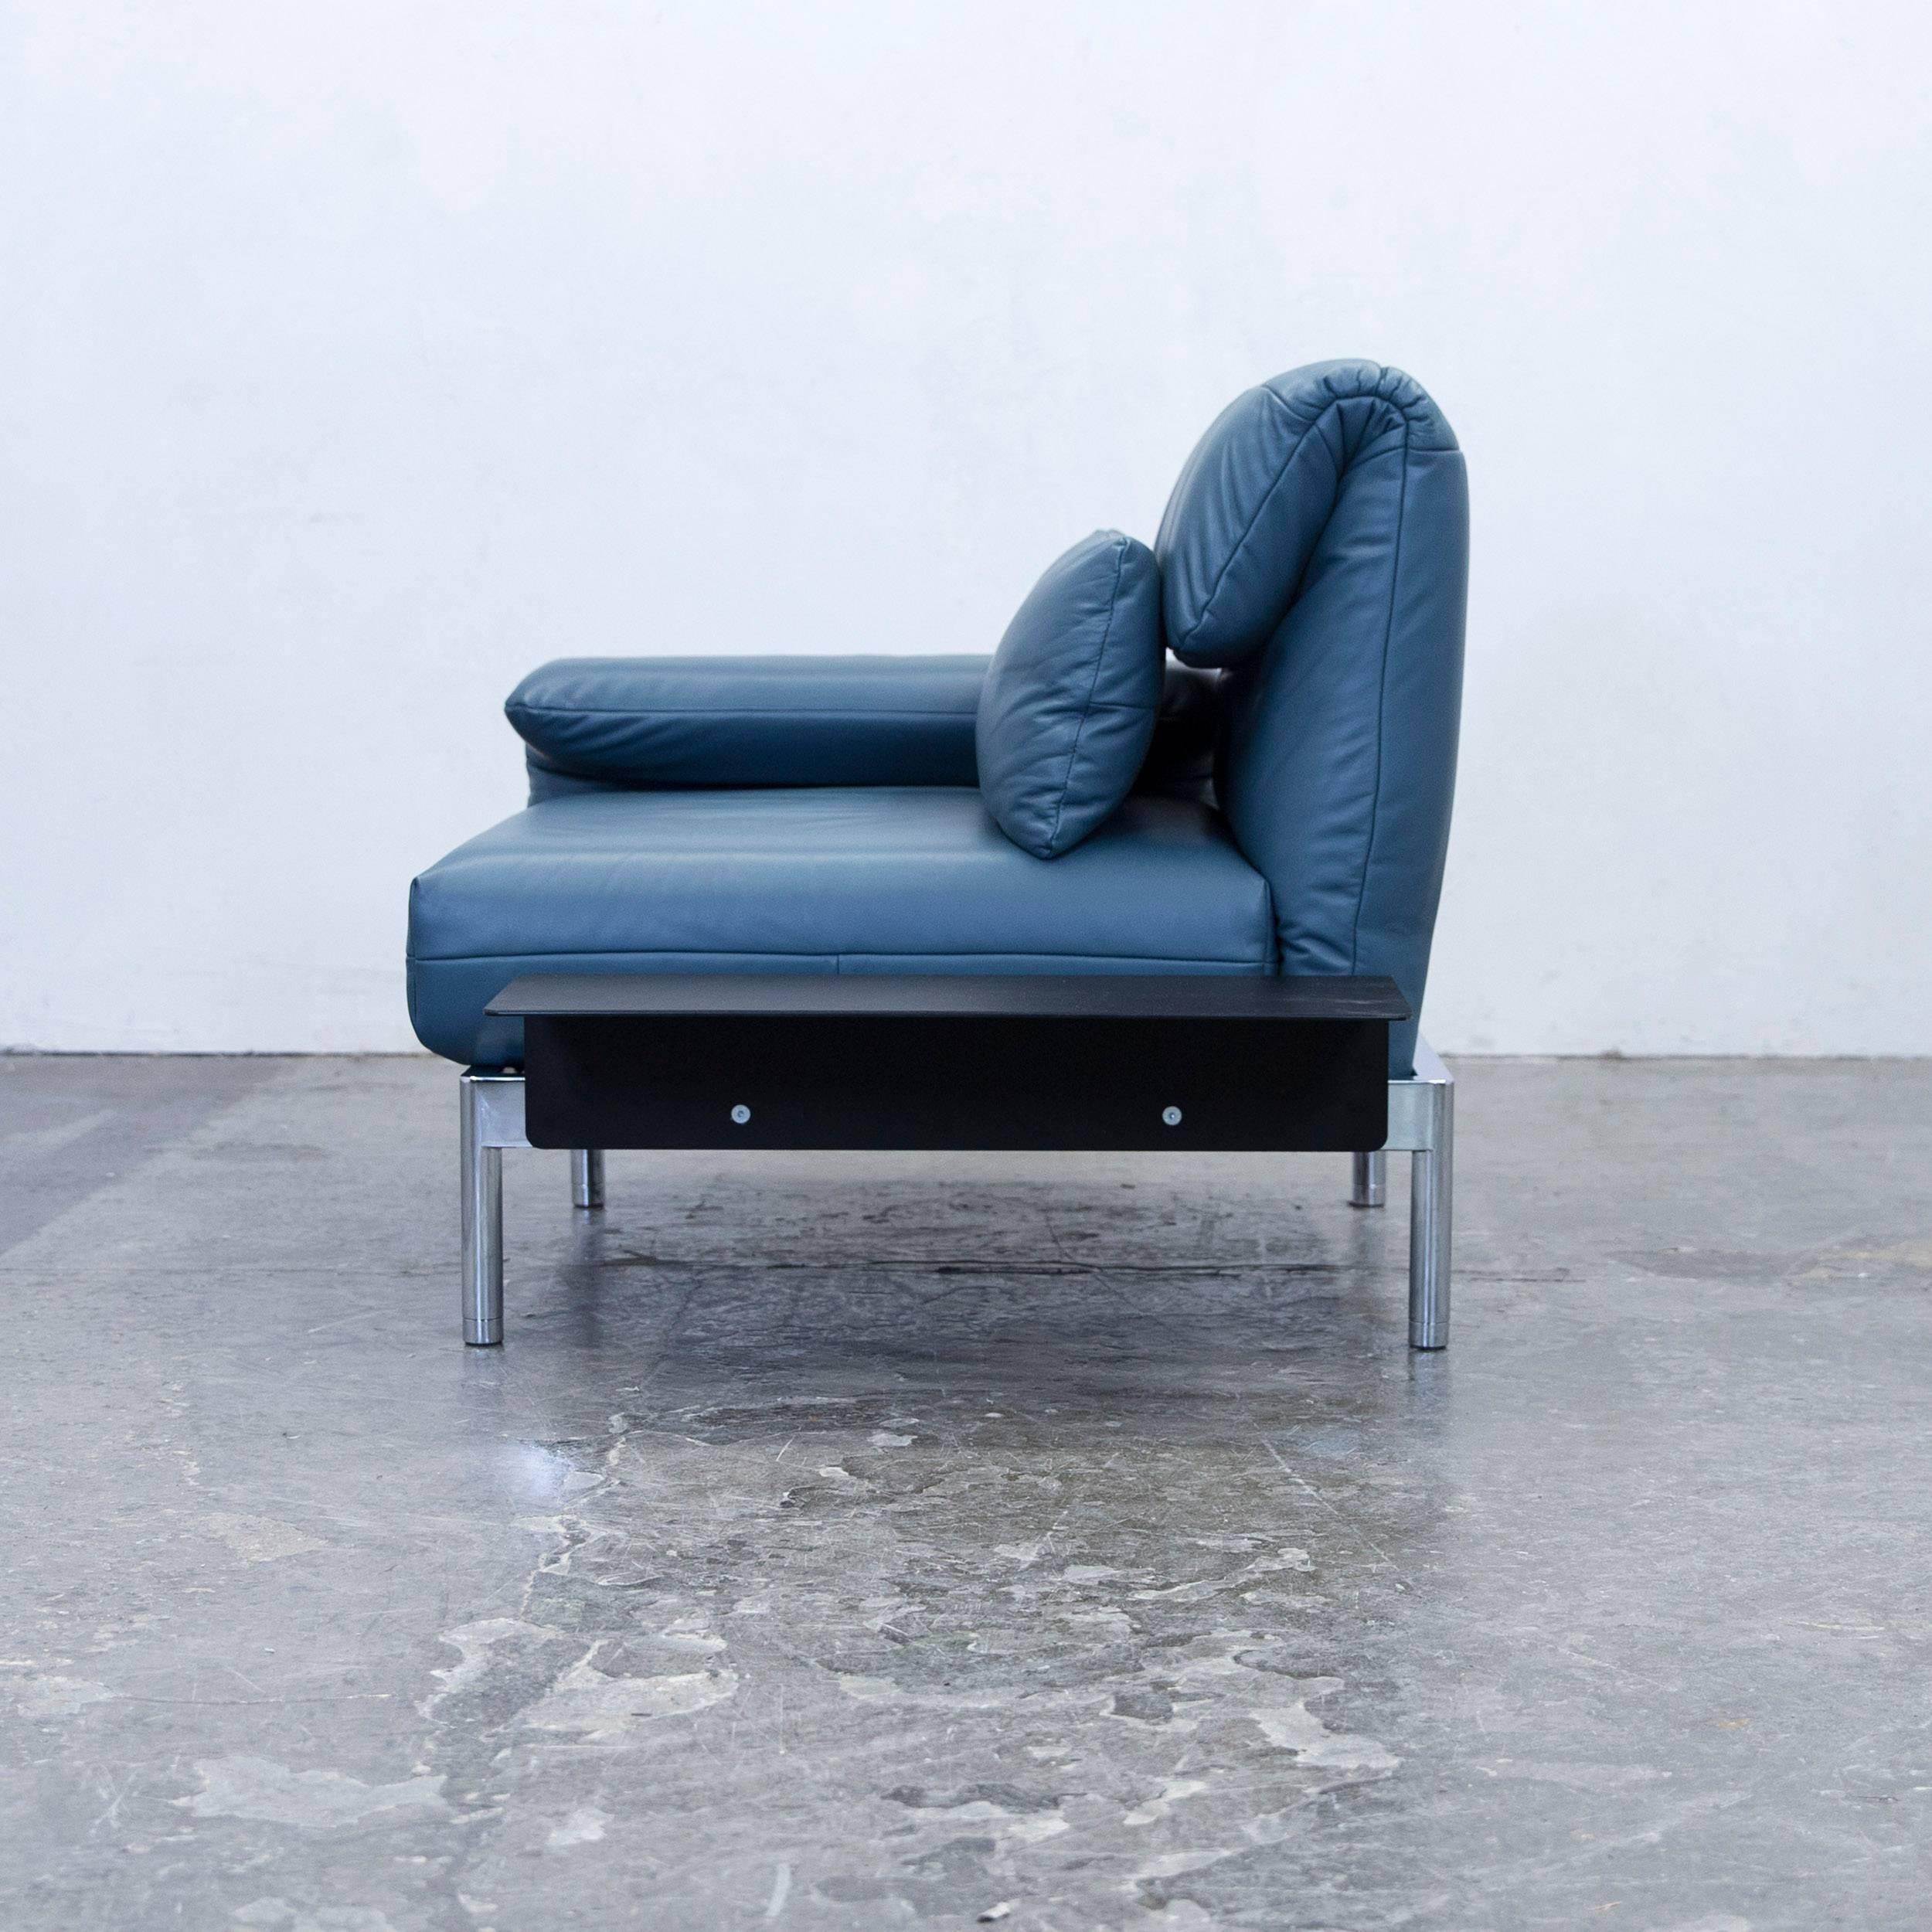 Wunderschön Sofa Und Sessel Foto Von Rolf Benz Plura Designer Chair Leather Blue